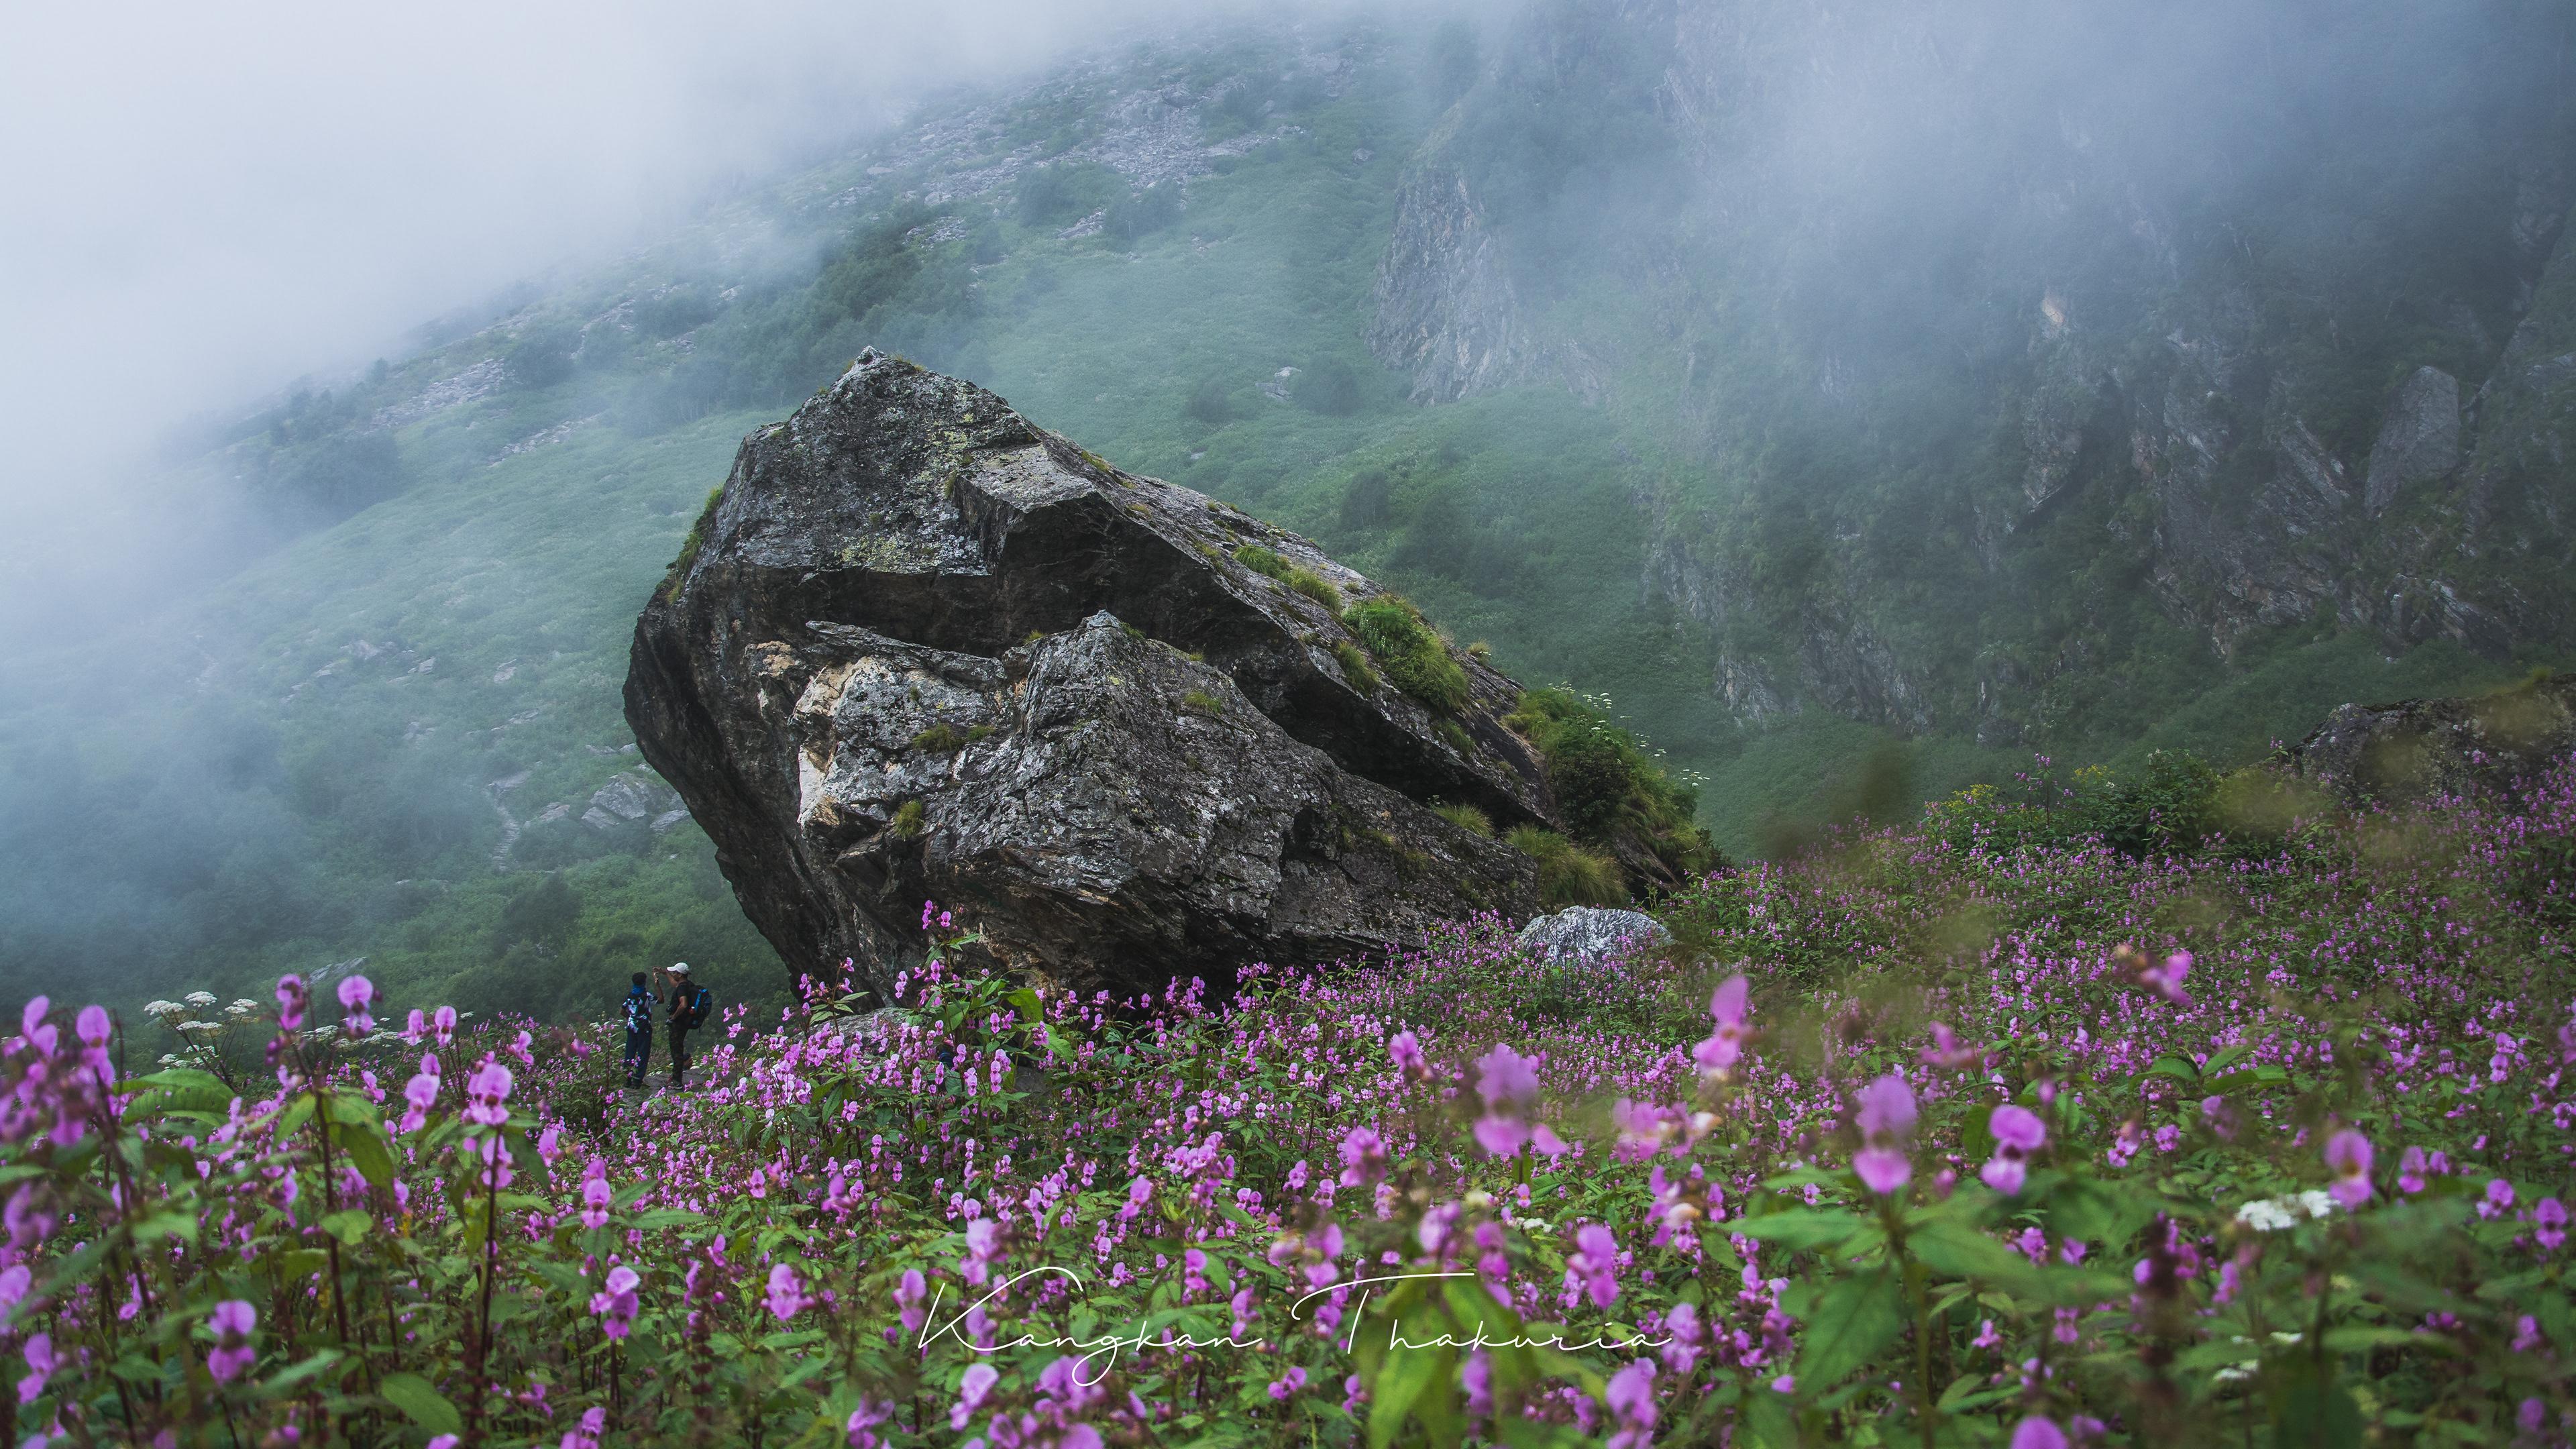 долина цветов уникальный уголок индии фото часть